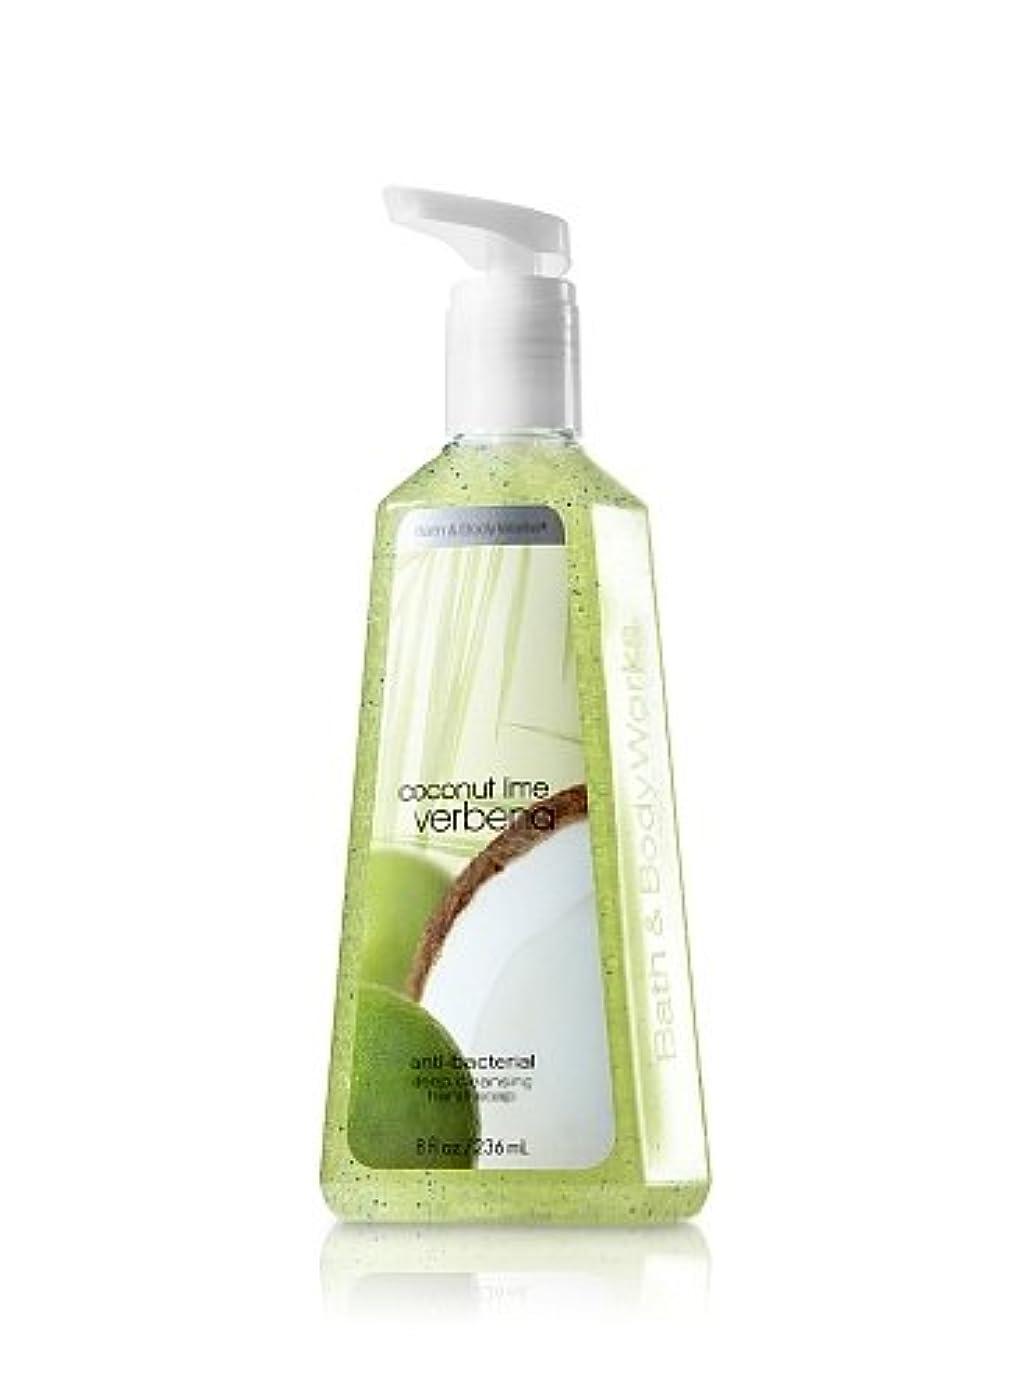 アストロラーベ言語抵抗するバス&ボディワークス ココナッツライムバーベナ ディープクレンジングハンドソープ Coconut Lime Verbena Deep Cleansing Hand Soap [海外直送品]